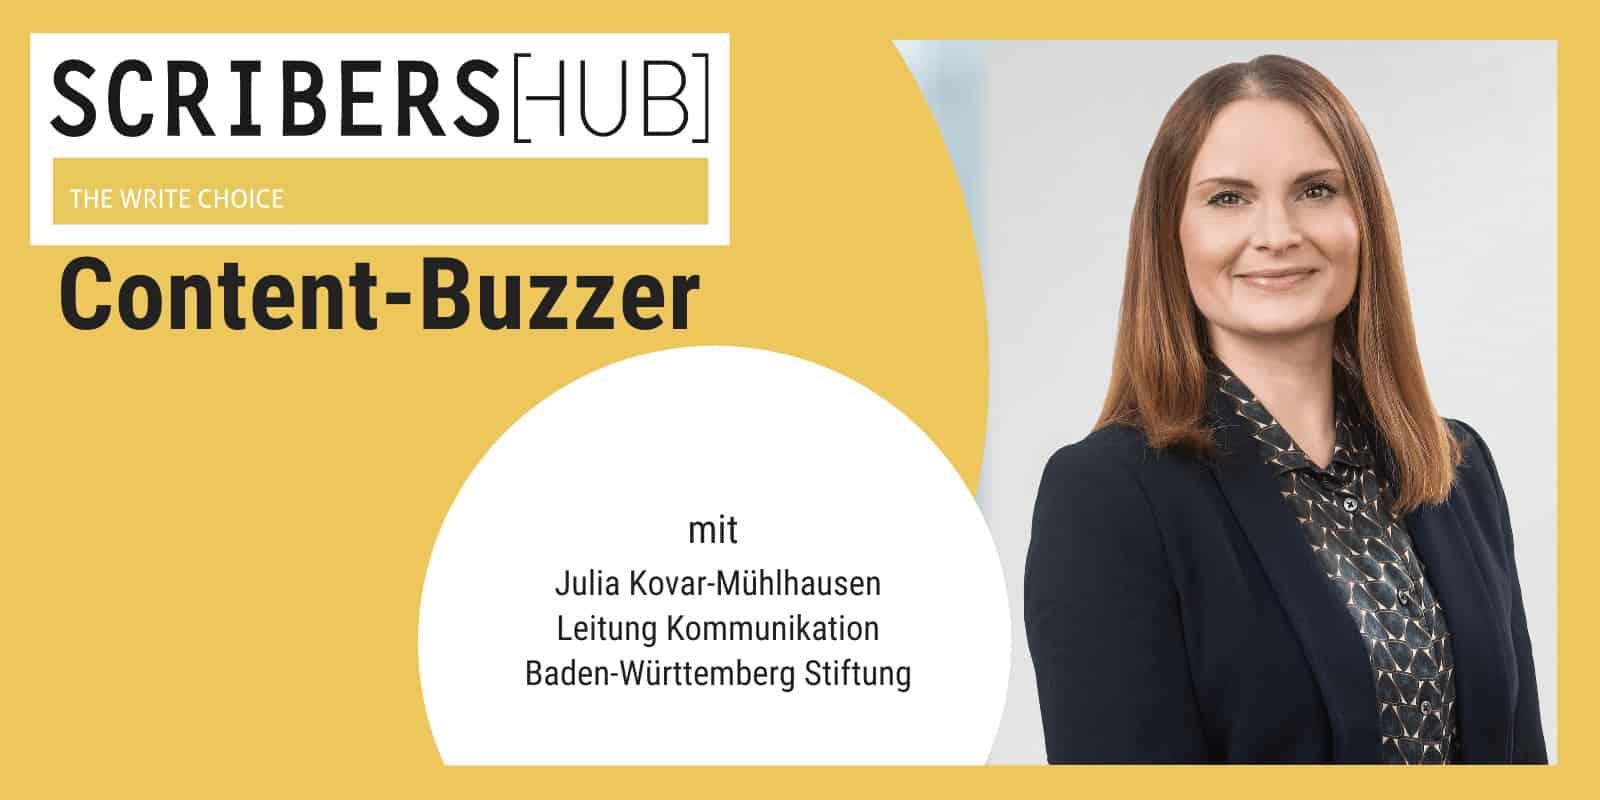 Julia Kovar-Mühlhausen im Contentbuzzer